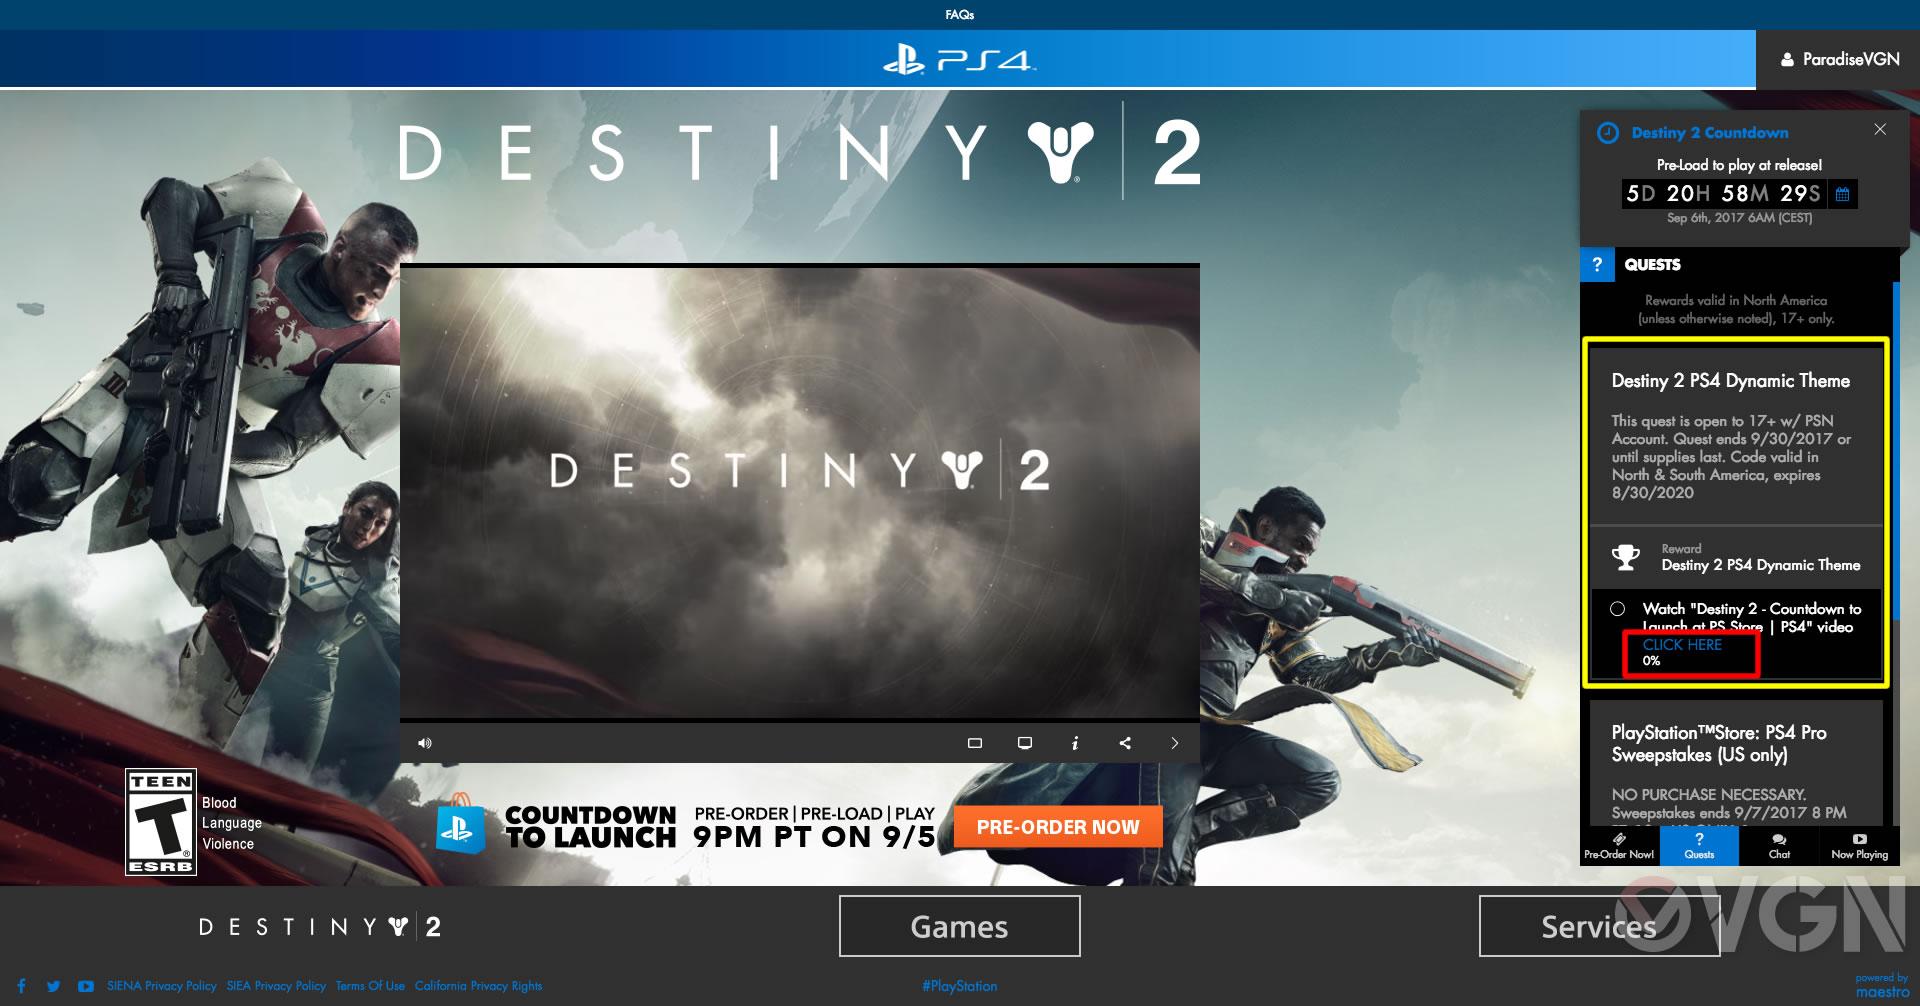 Destiny 2: Guida al download del tema Countdown to Launch